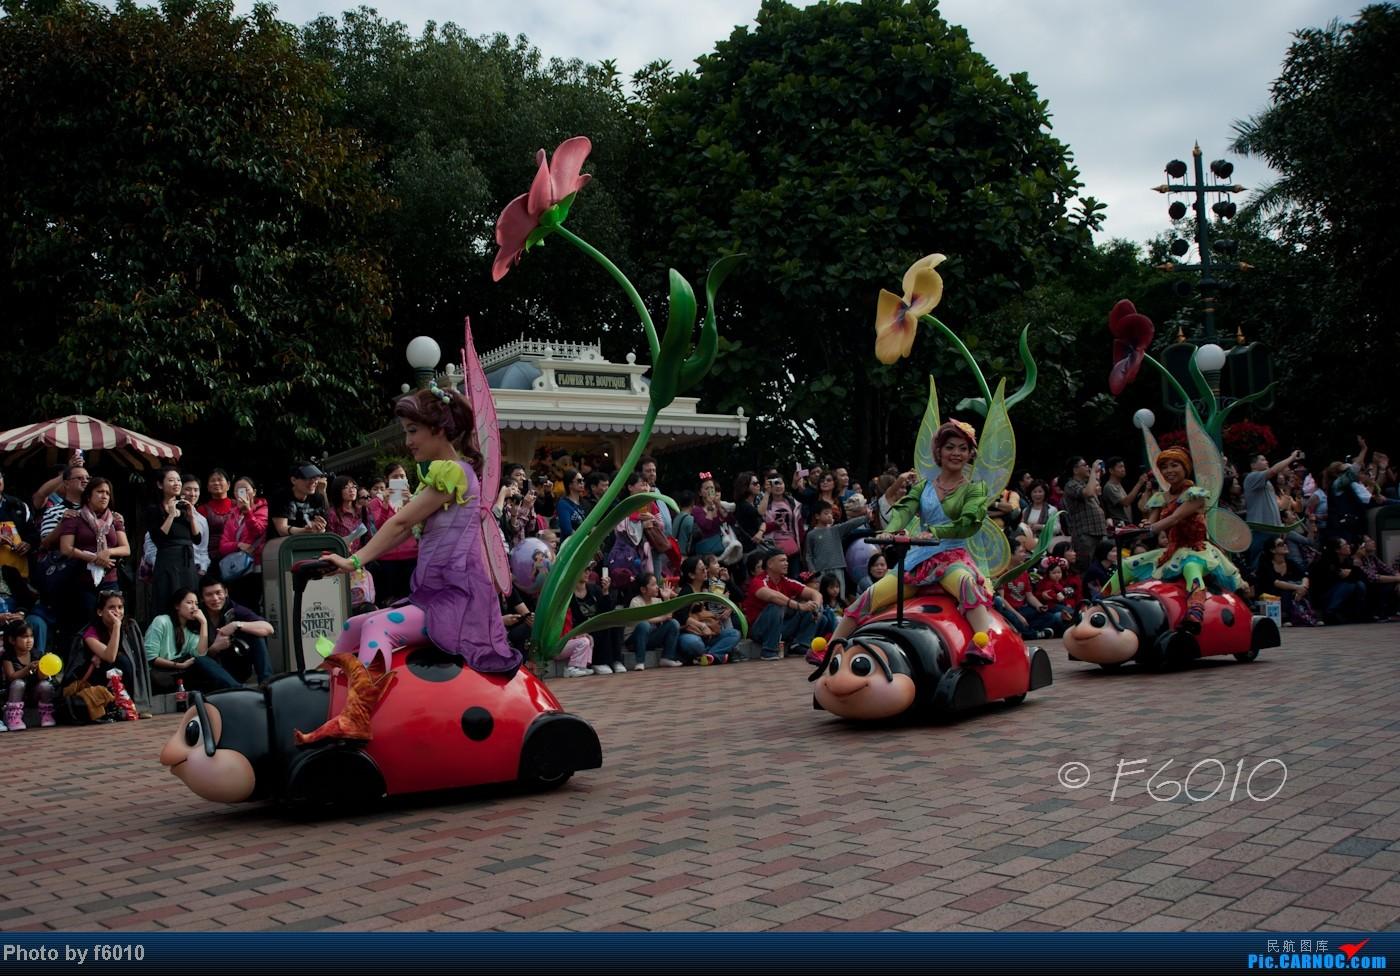 奶爸出击 2 2012最后一次飞行,飞向神往的迪斯奈 中 Hongkong Disneyland,我们的梦幻乐园